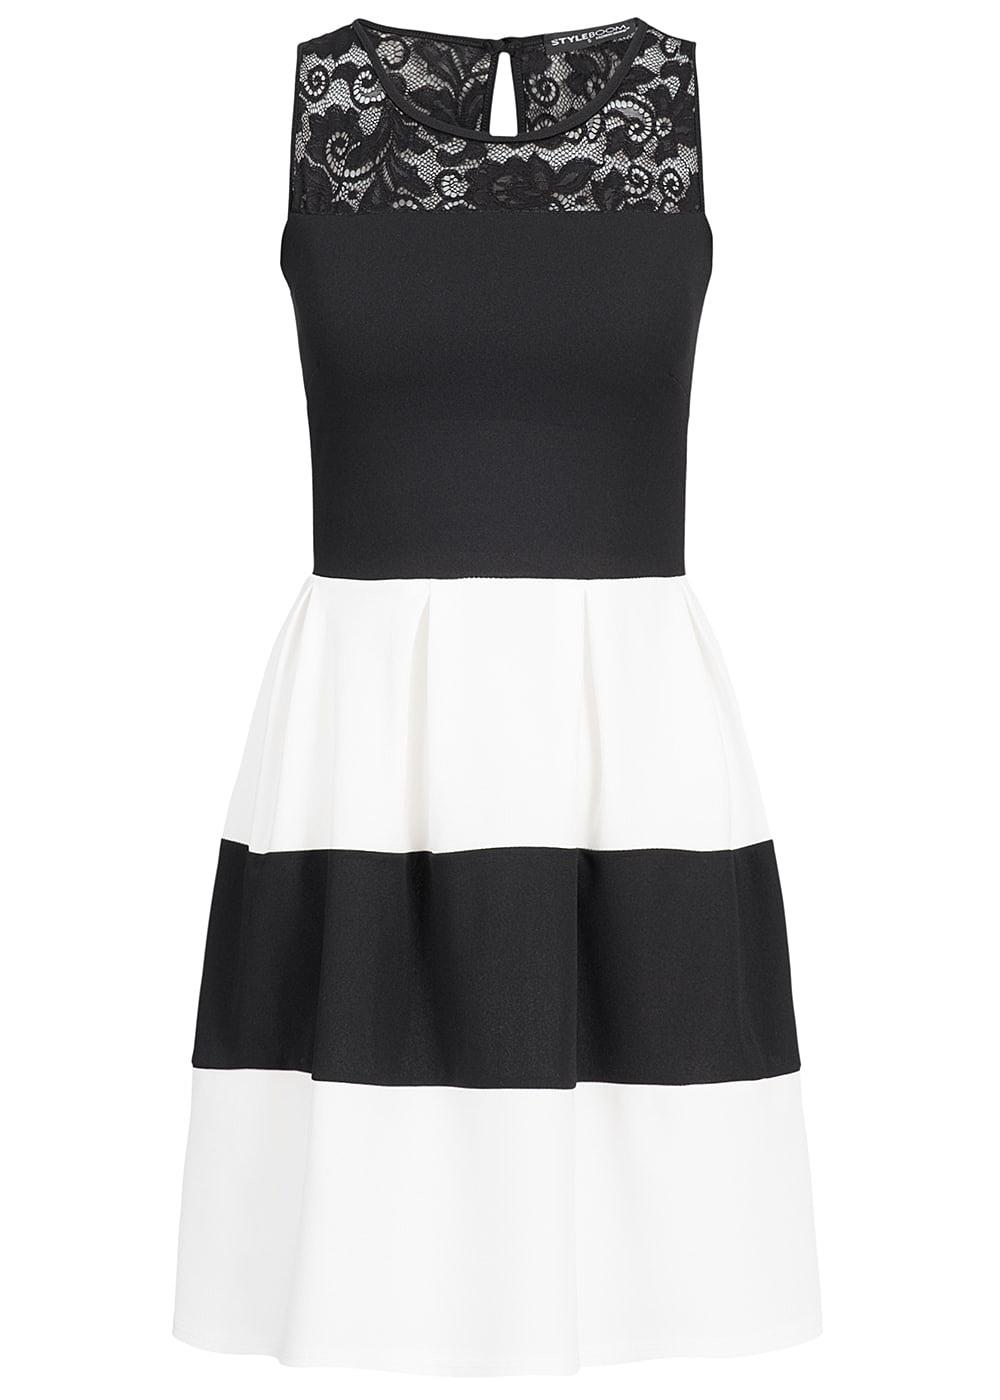 13 Spektakulär Damen Kleider Schwarz Weiß DesignDesigner Erstaunlich Damen Kleider Schwarz Weiß Stylish